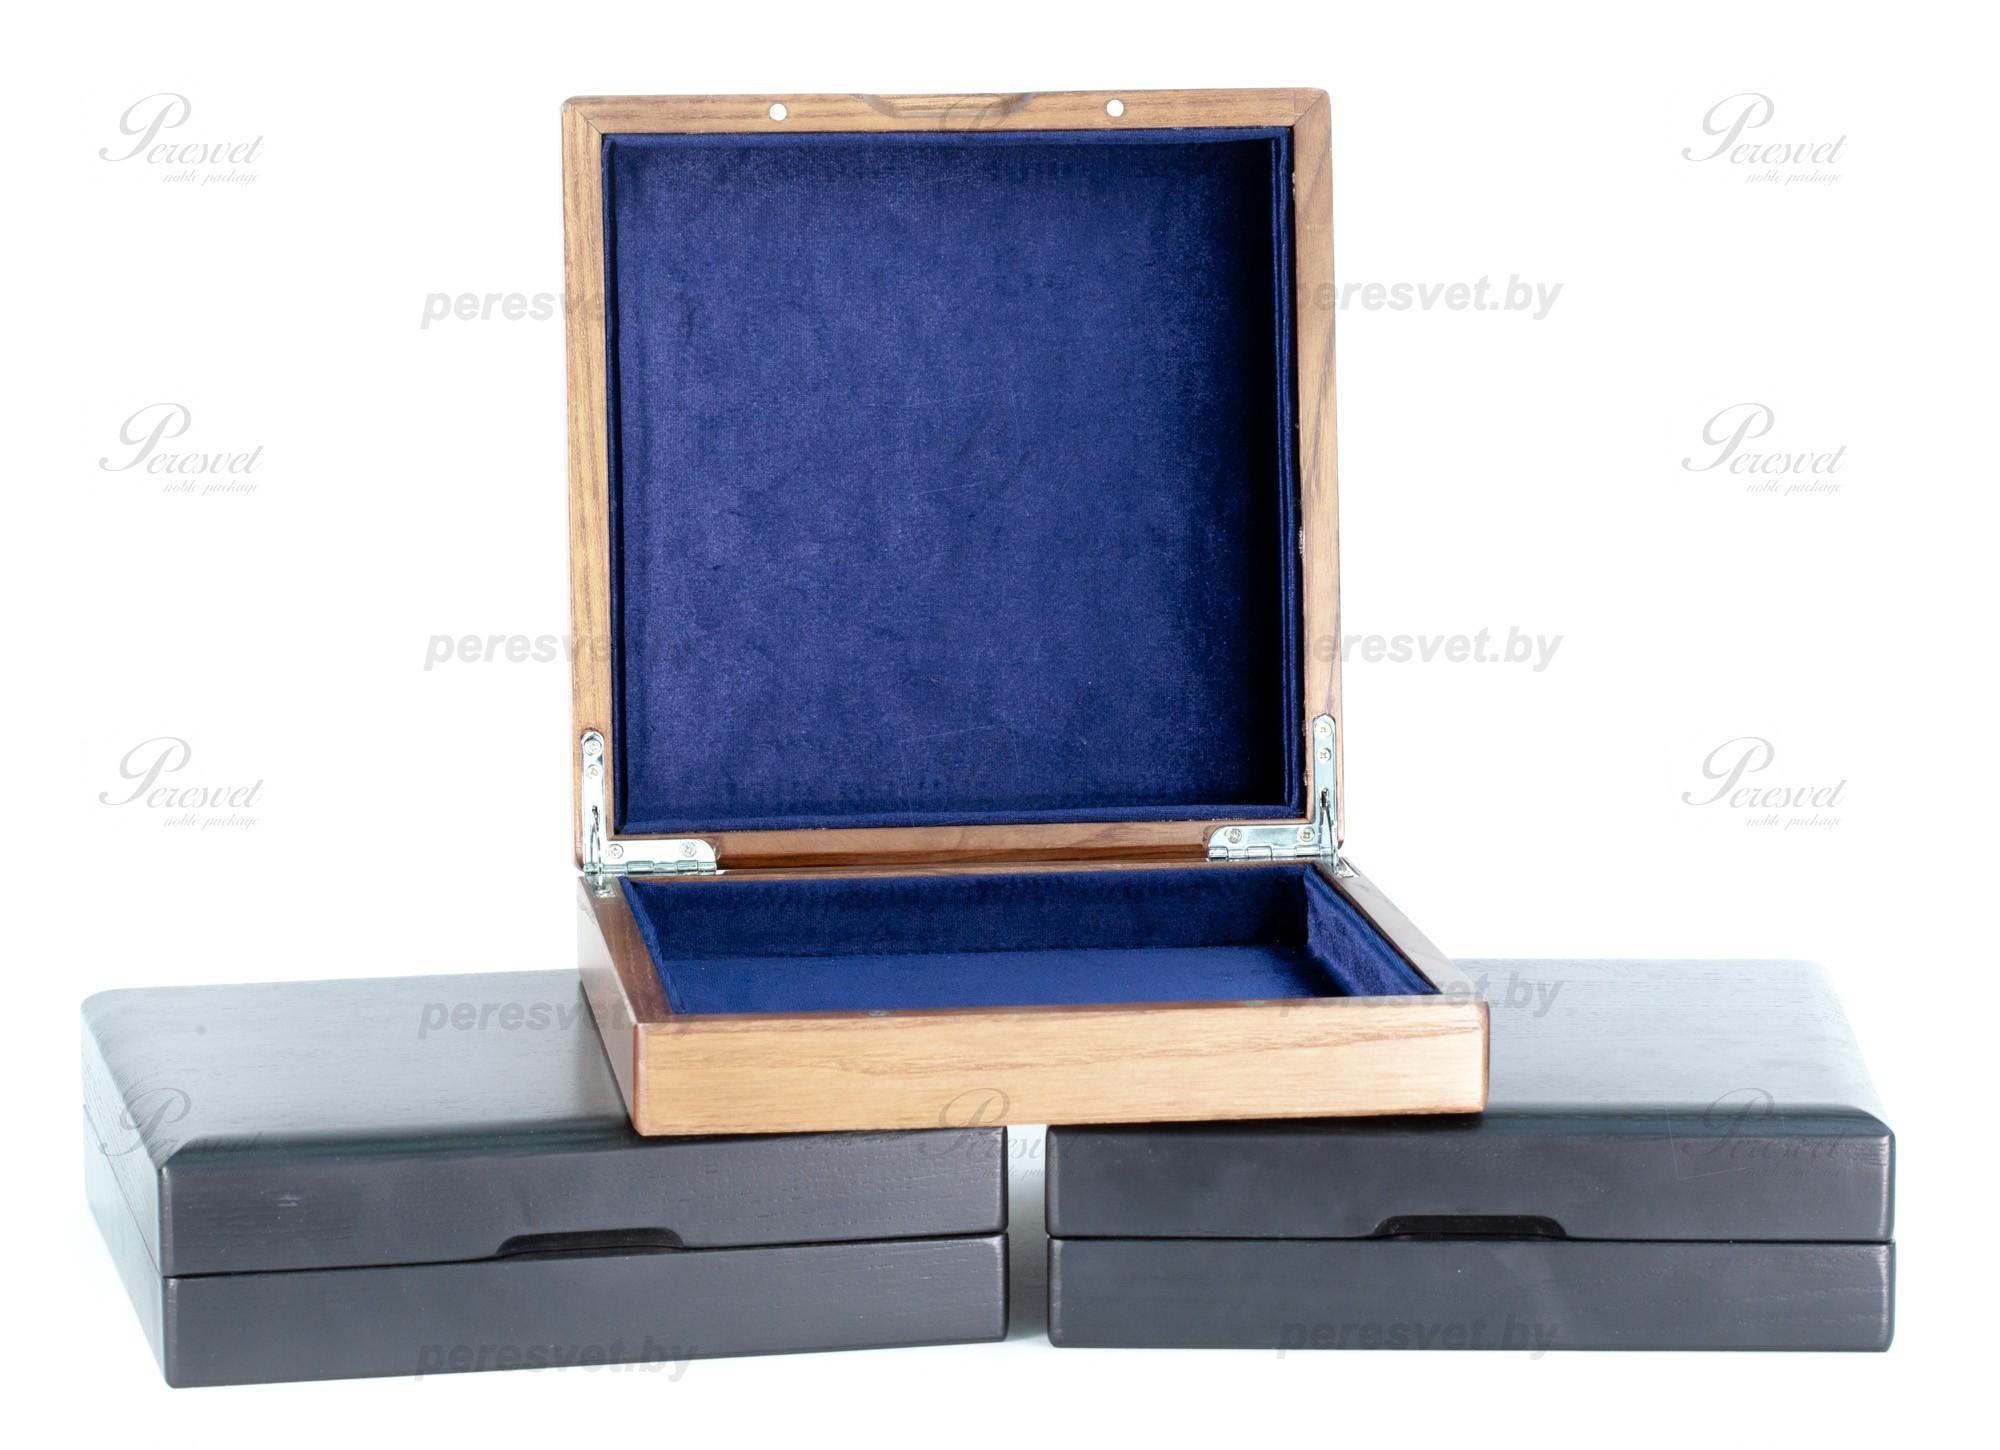 Премиальная упаковка Массив дуба под лаком с ложементом черный на peresvet.by